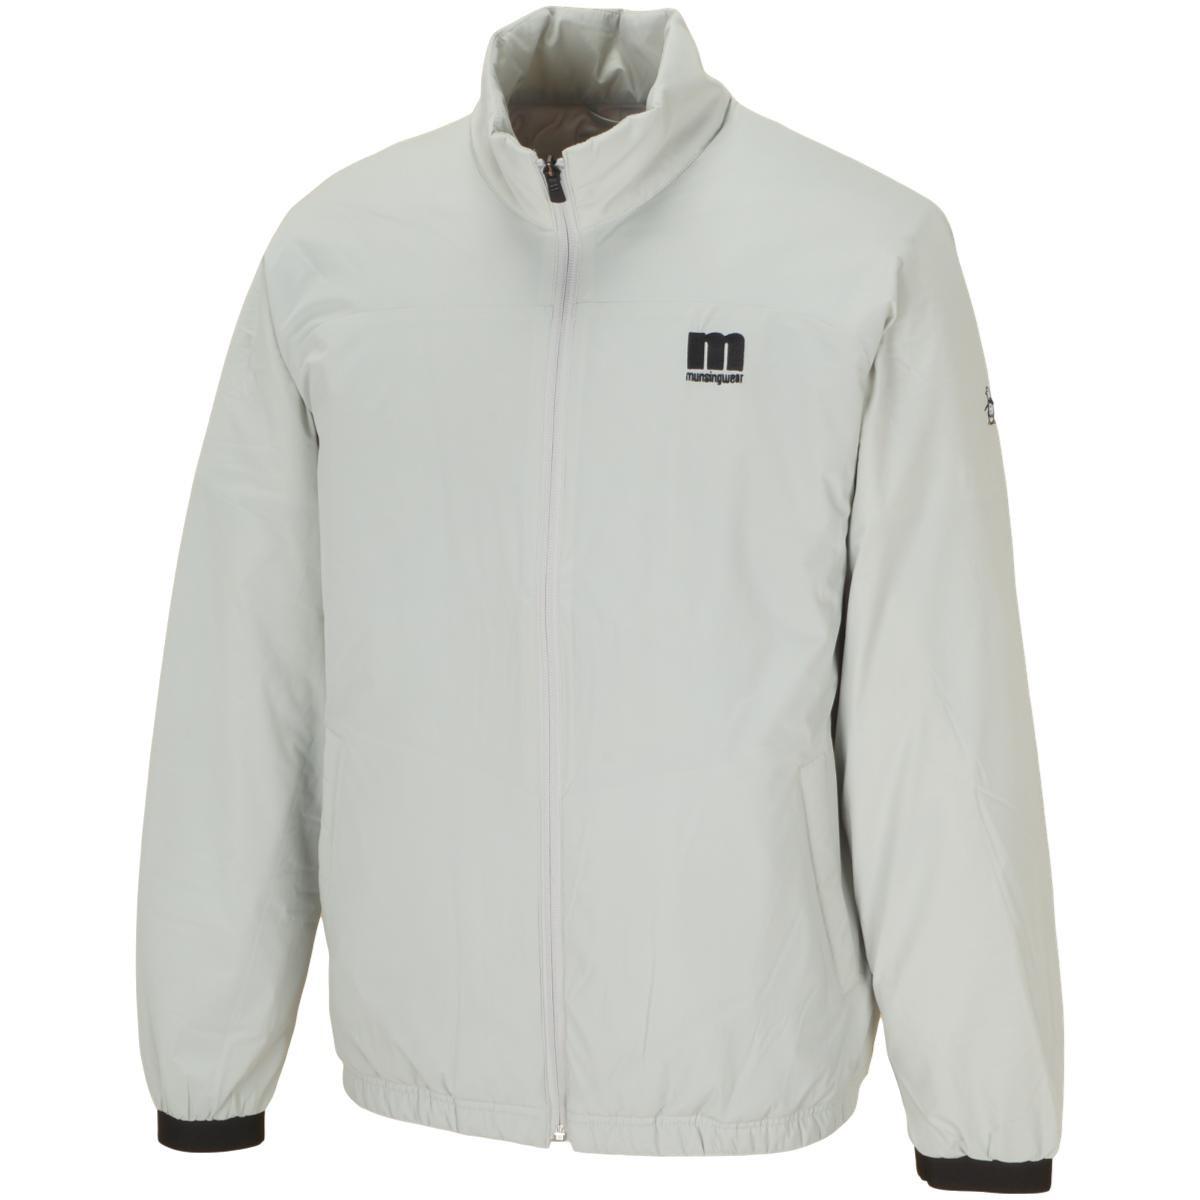 マンシングウェア Munsingwear ENVOY ストレッチ ENVOY カッティング中綿ブルゾン L グレー 00